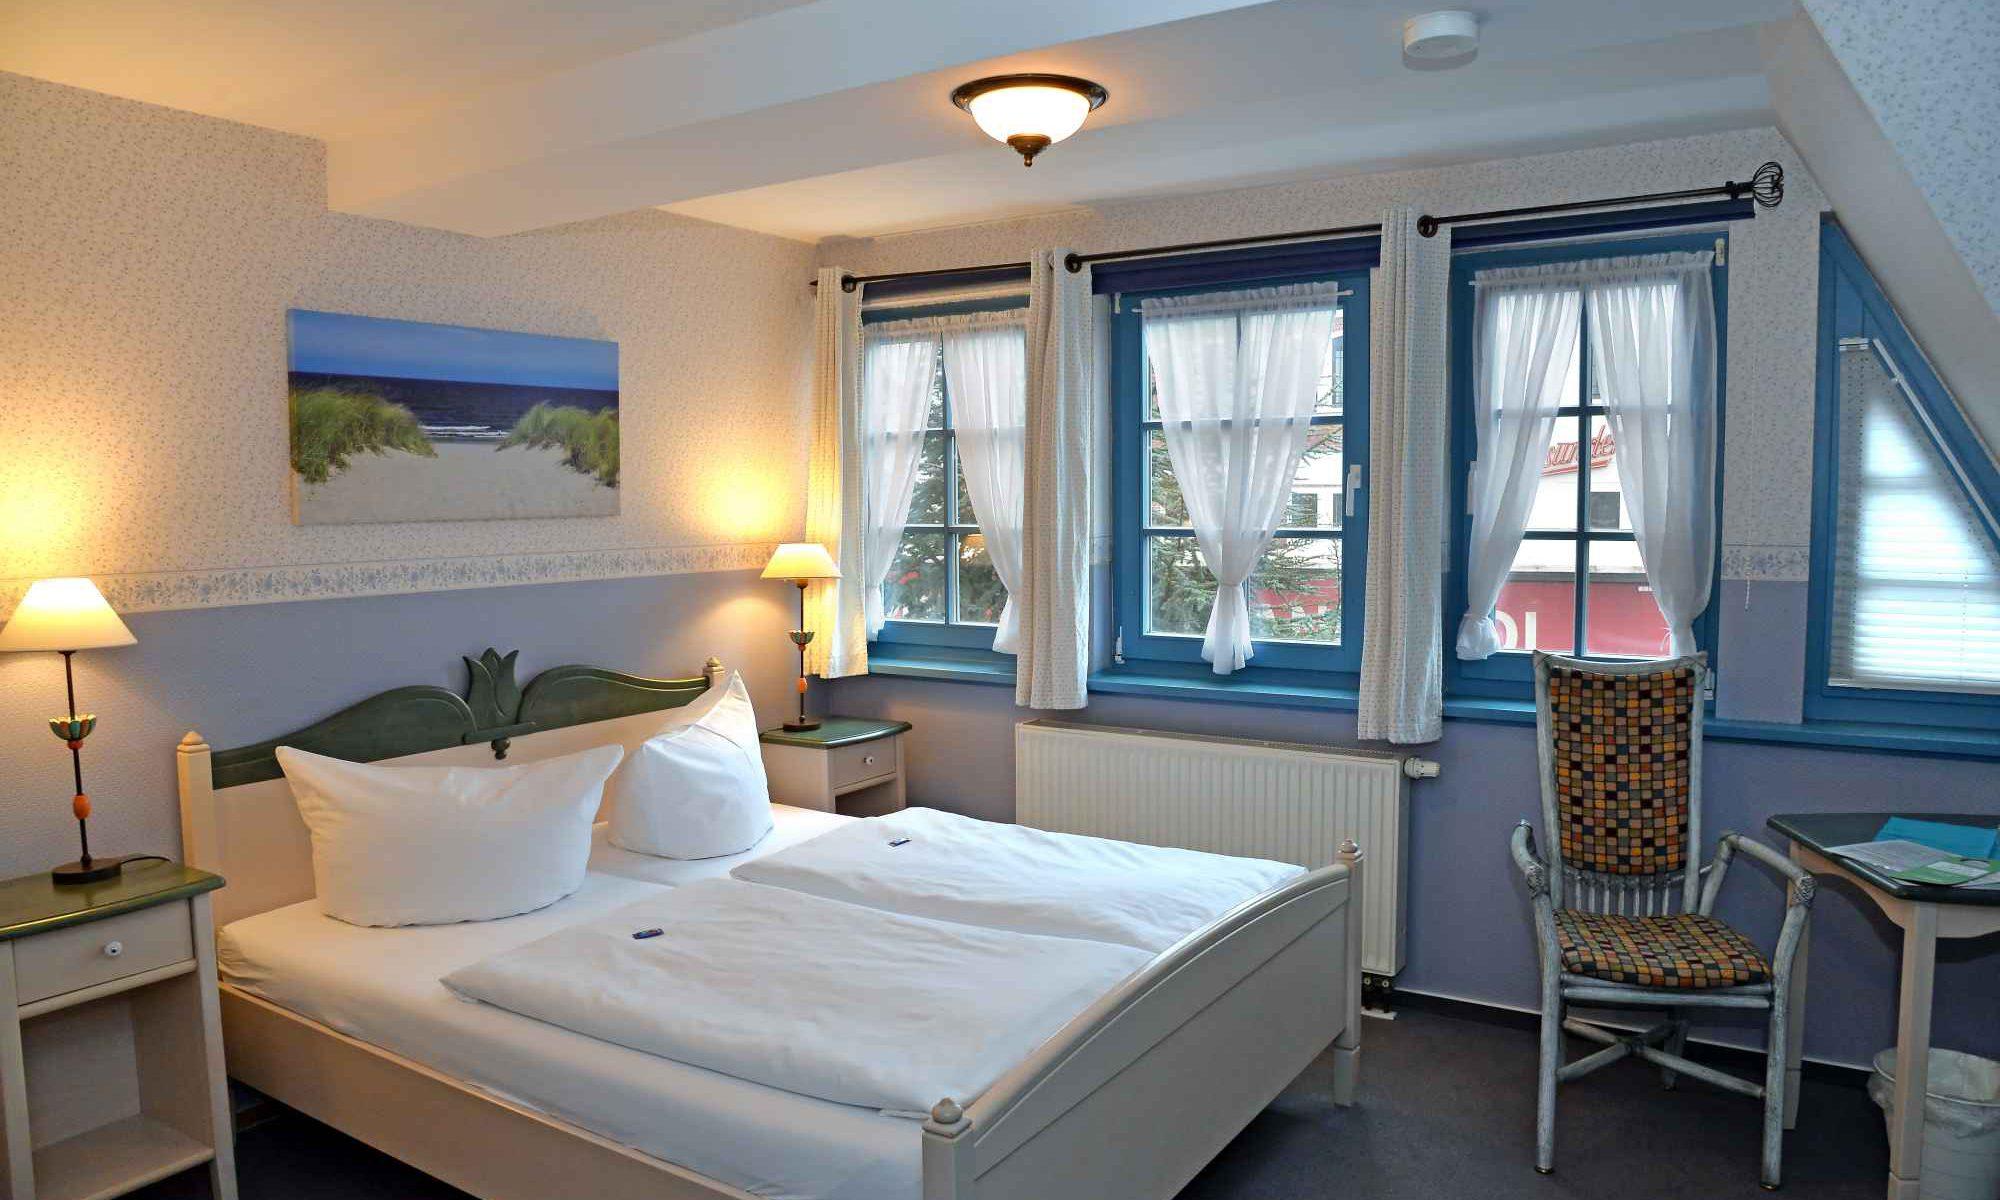 Zimmer in der Pension Stralsund